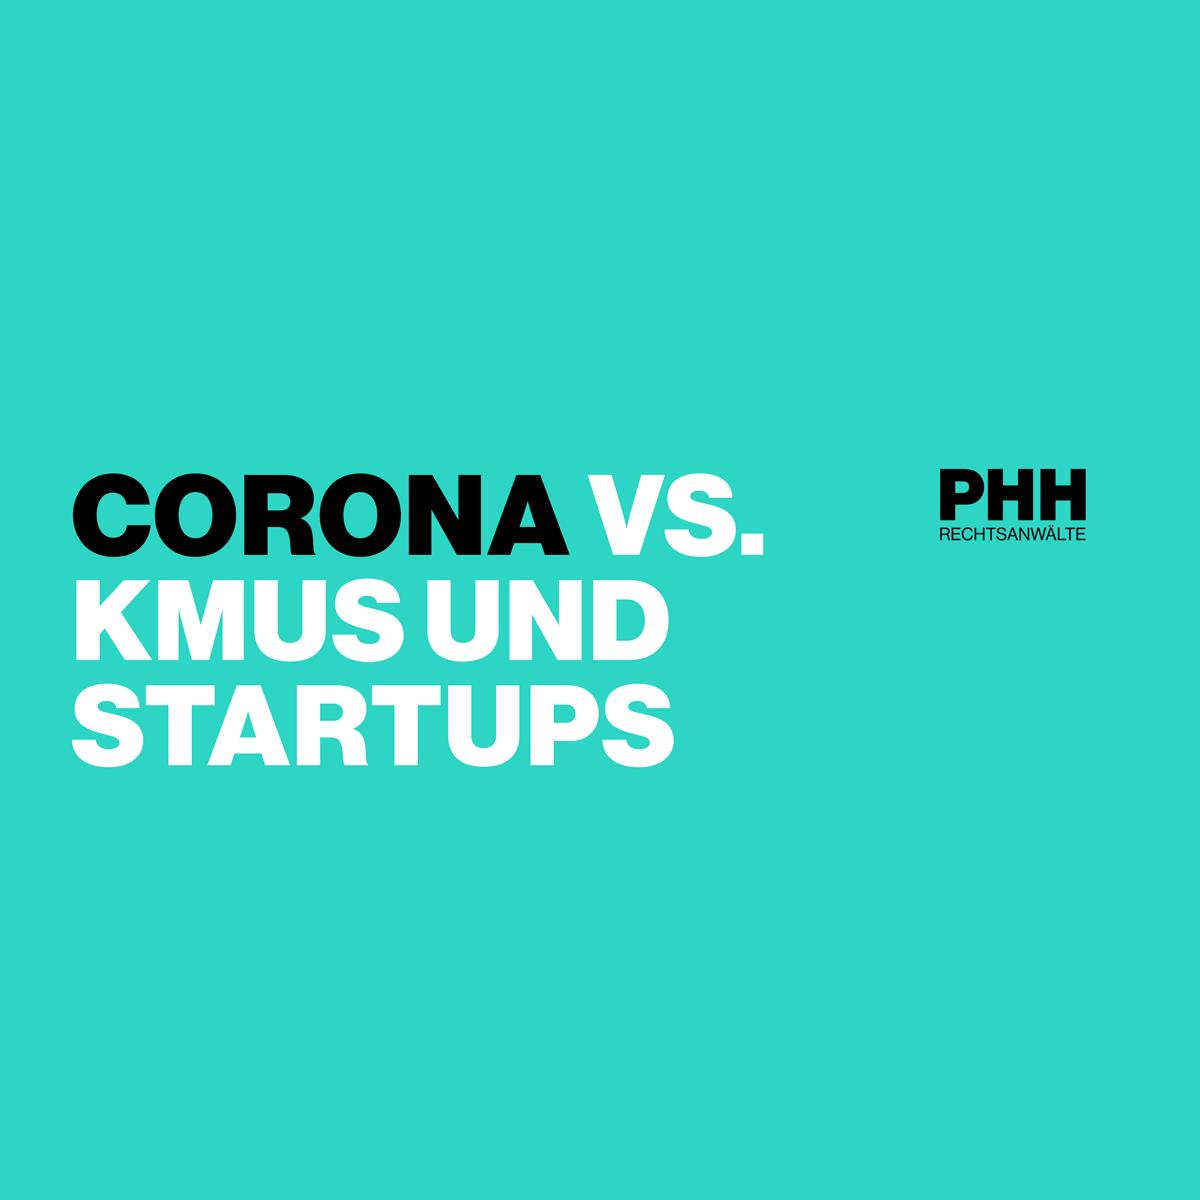 COVID-19: Maßnahmen zur Unterstützung von betroffenen KMUs und Start-Ups